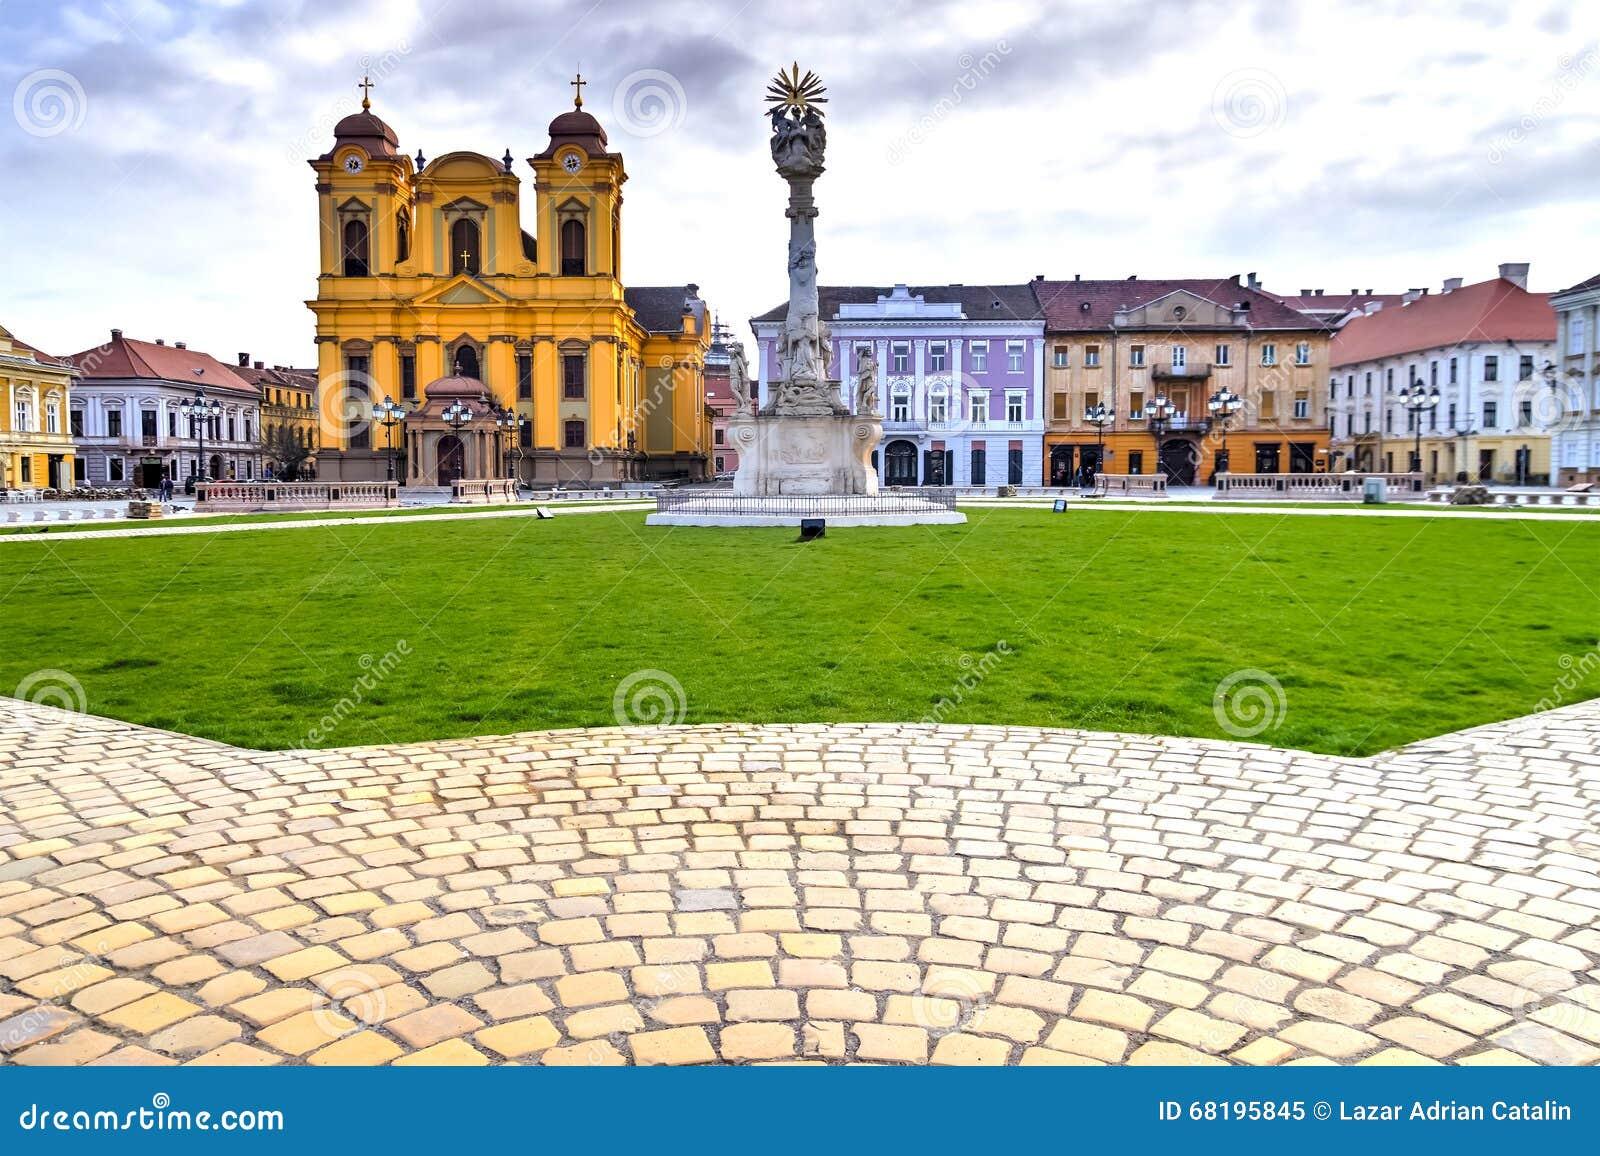 Timisoara-Stadt, Rumänien